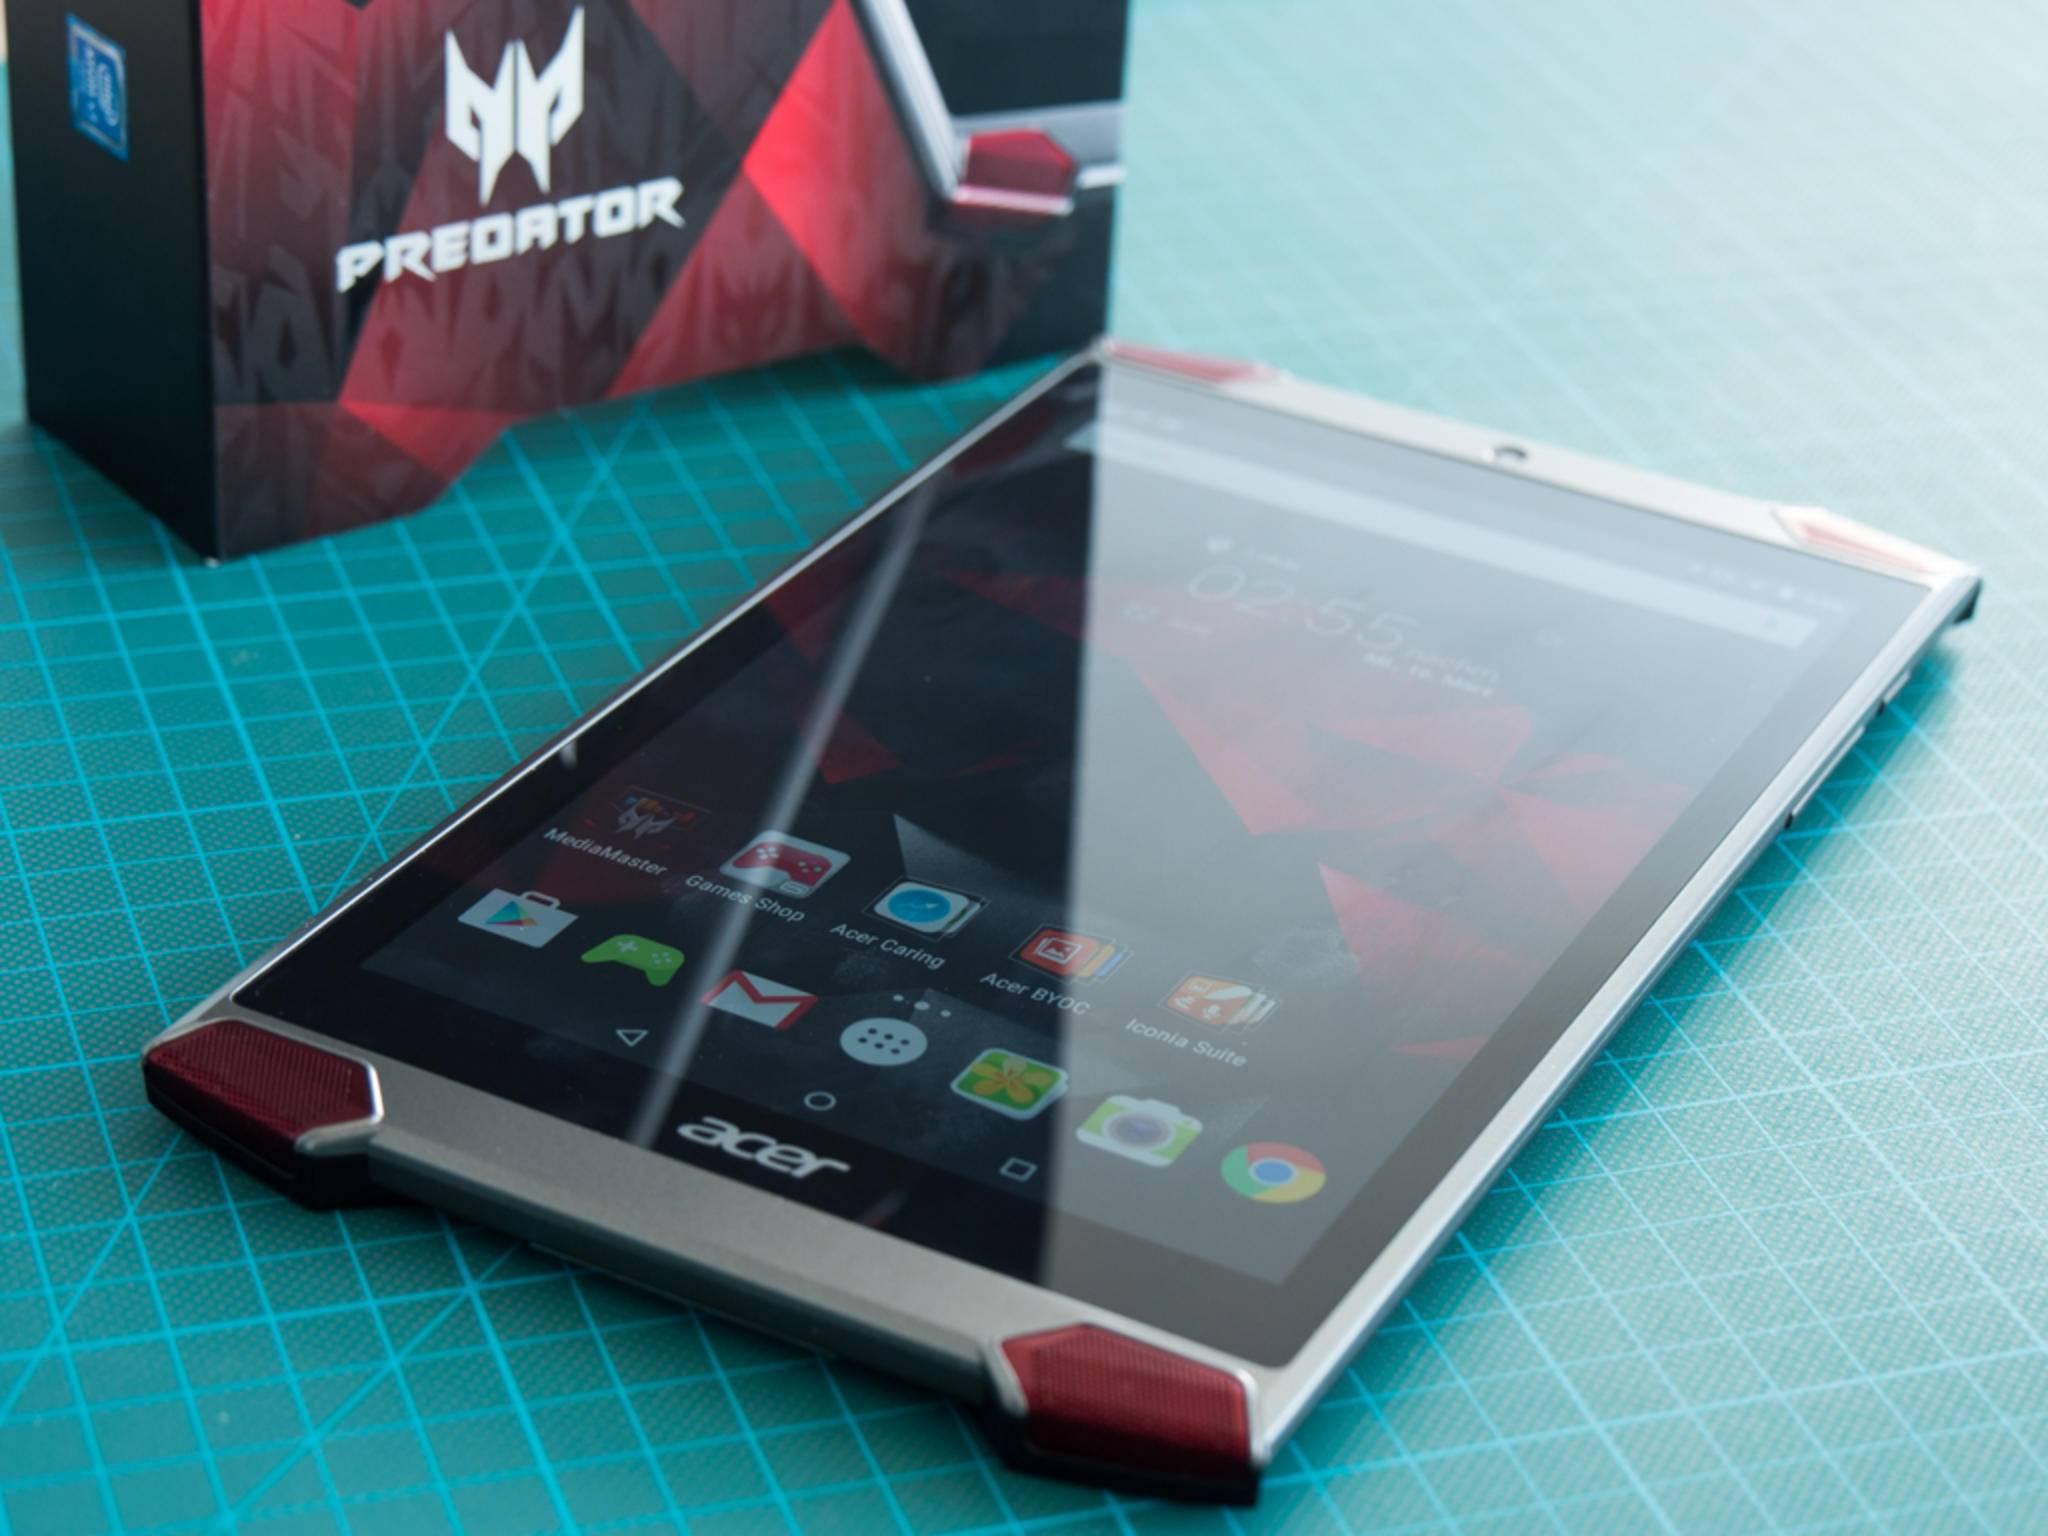 Das Acer Predator 8 besitzt ein eher aggressives Design.